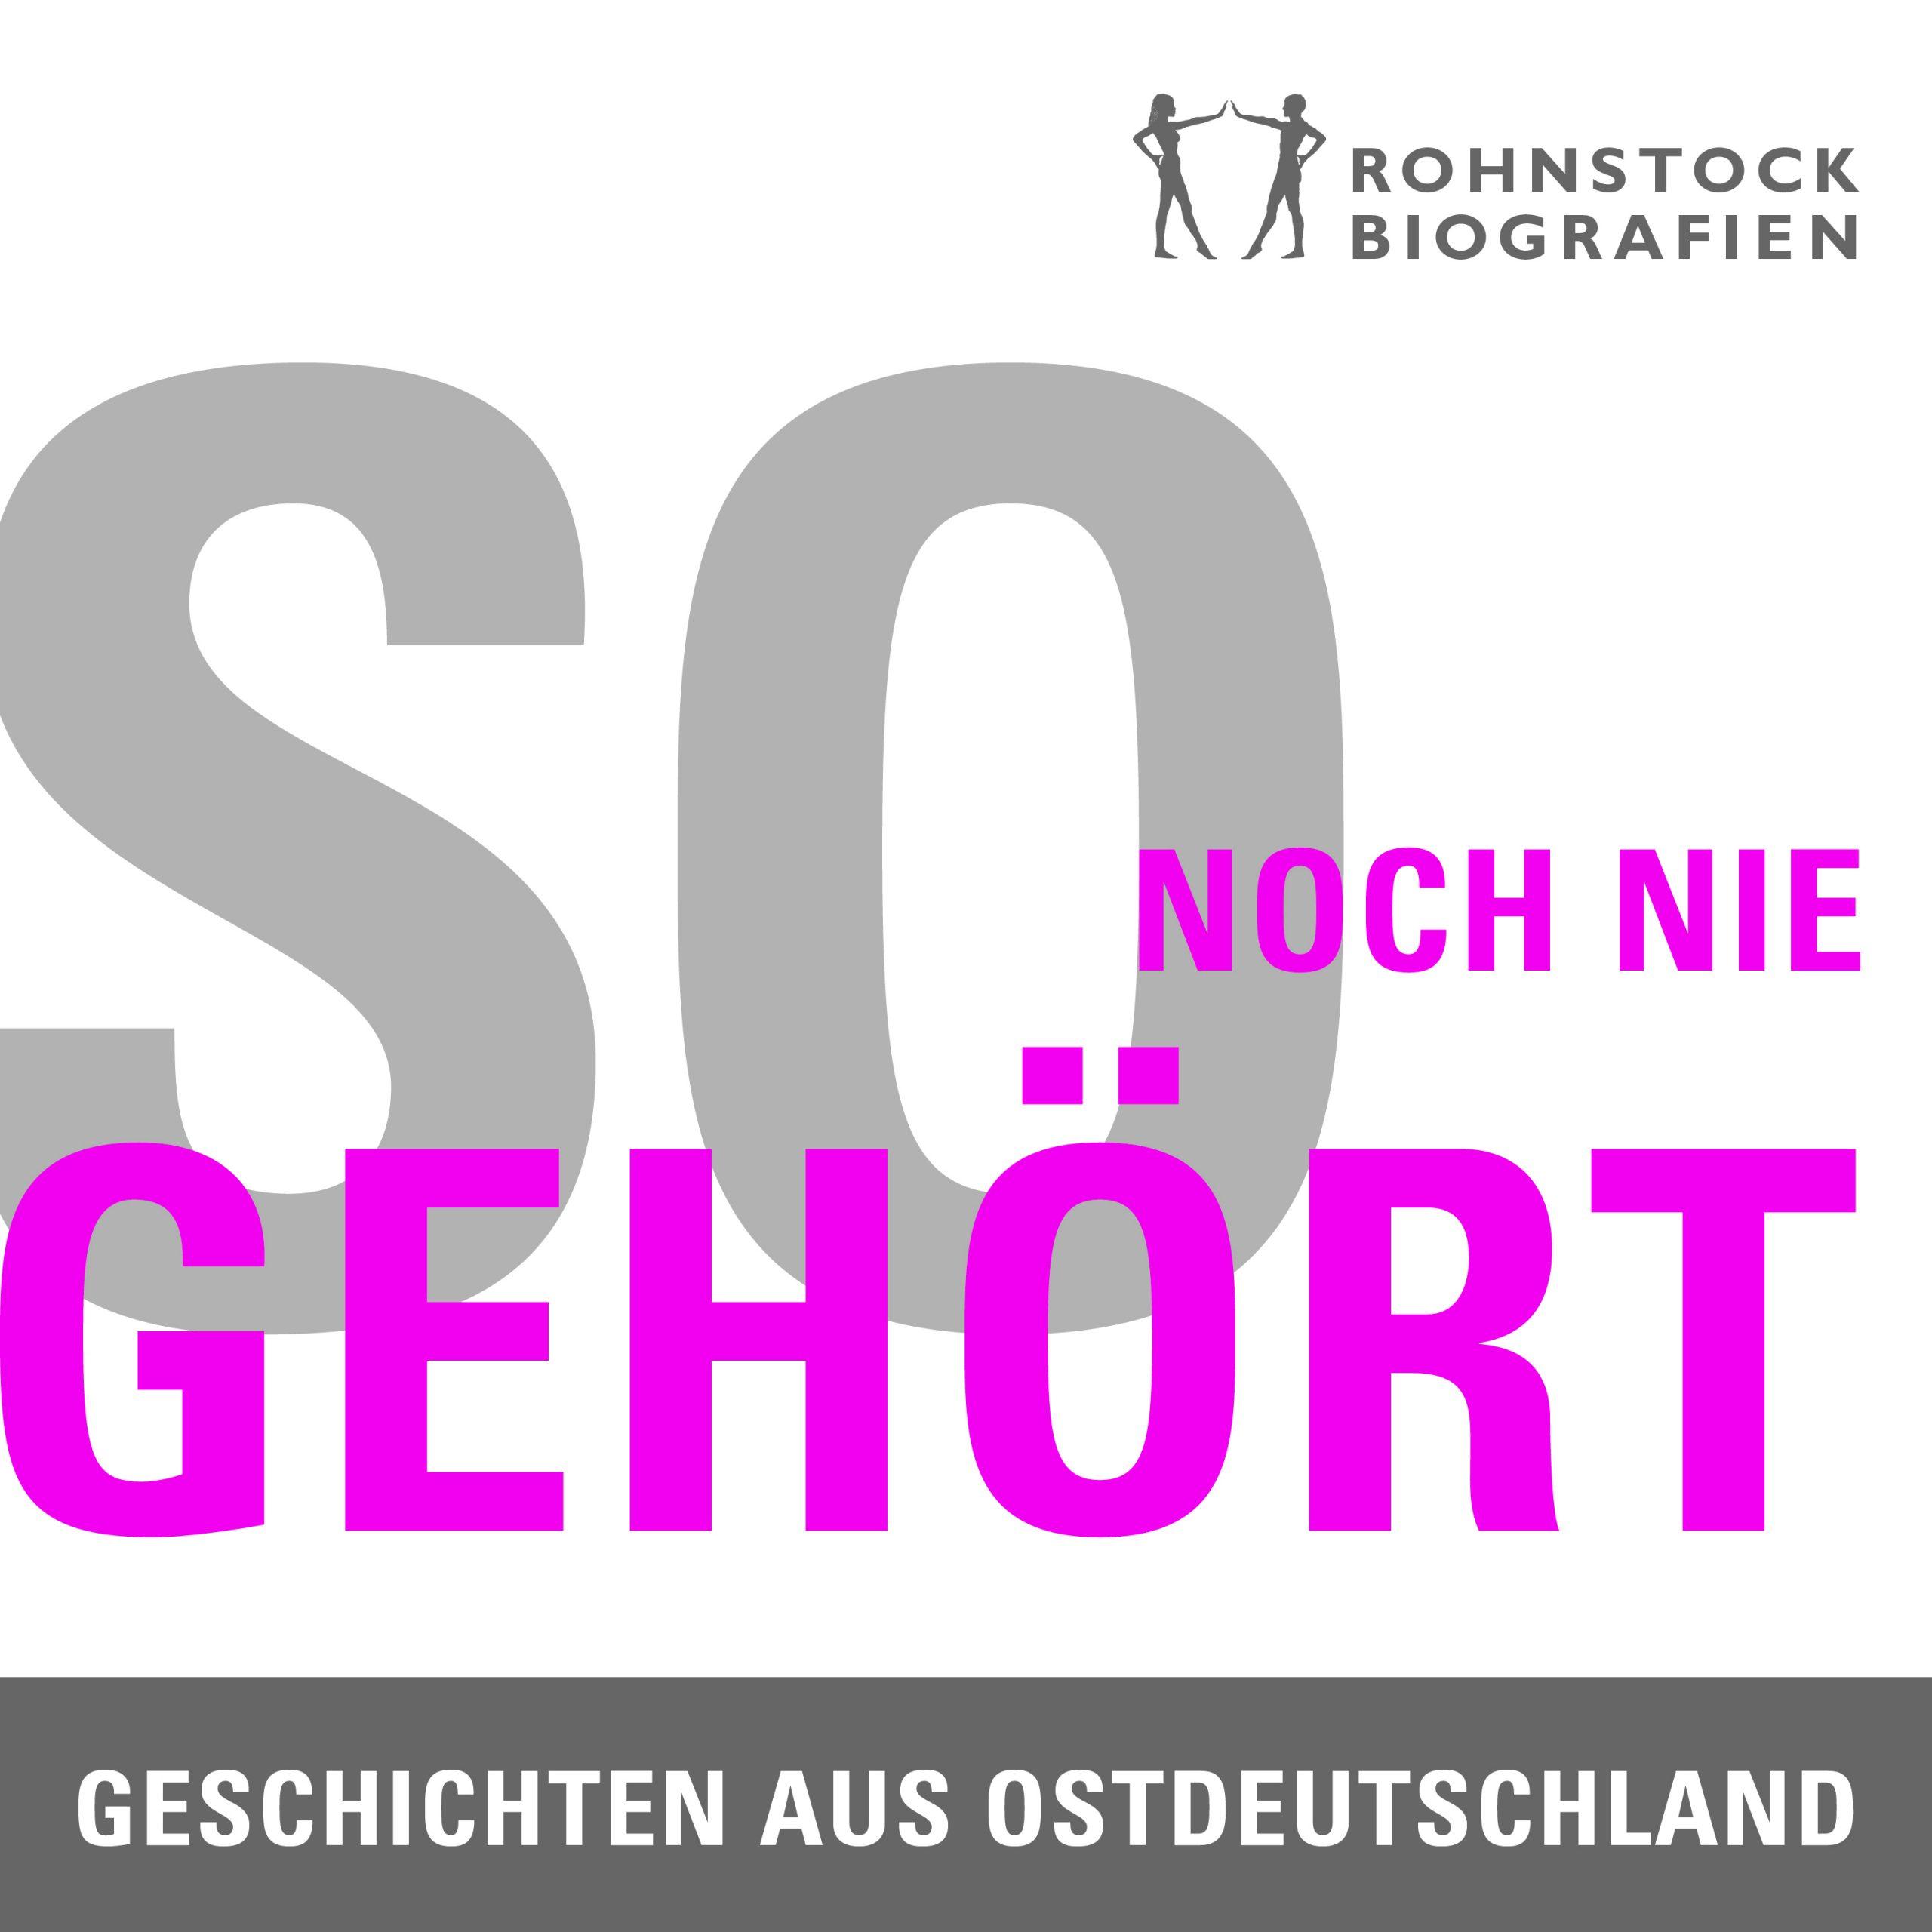 So noch nie gehört. Geschichten aus Ostdeutschland - Rohnstock Biografien